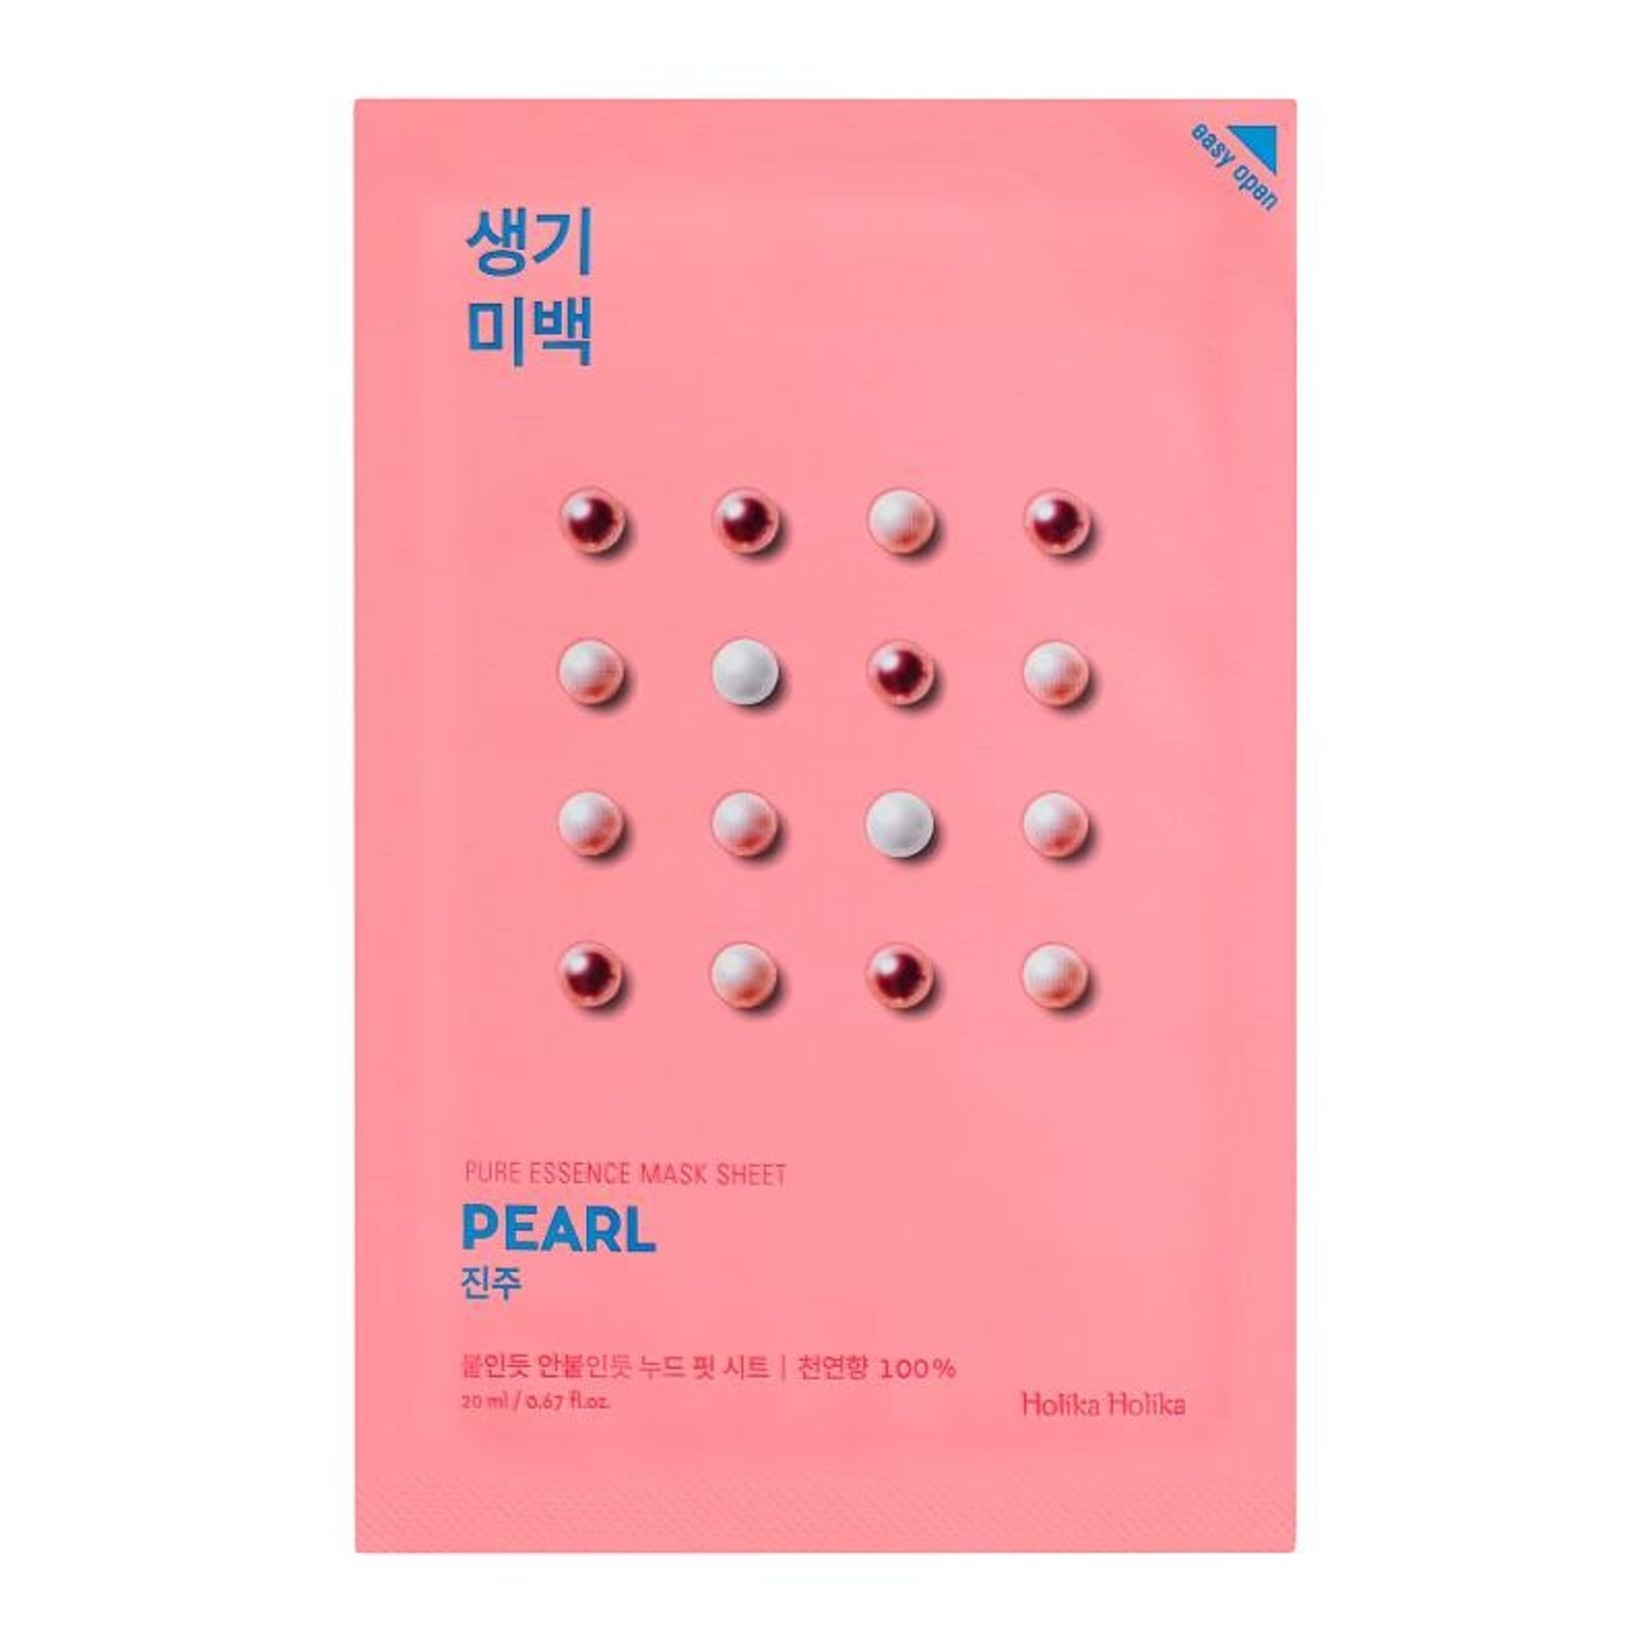 Holika Holika Pure Essence Mask Sheet Pearl 10pcs